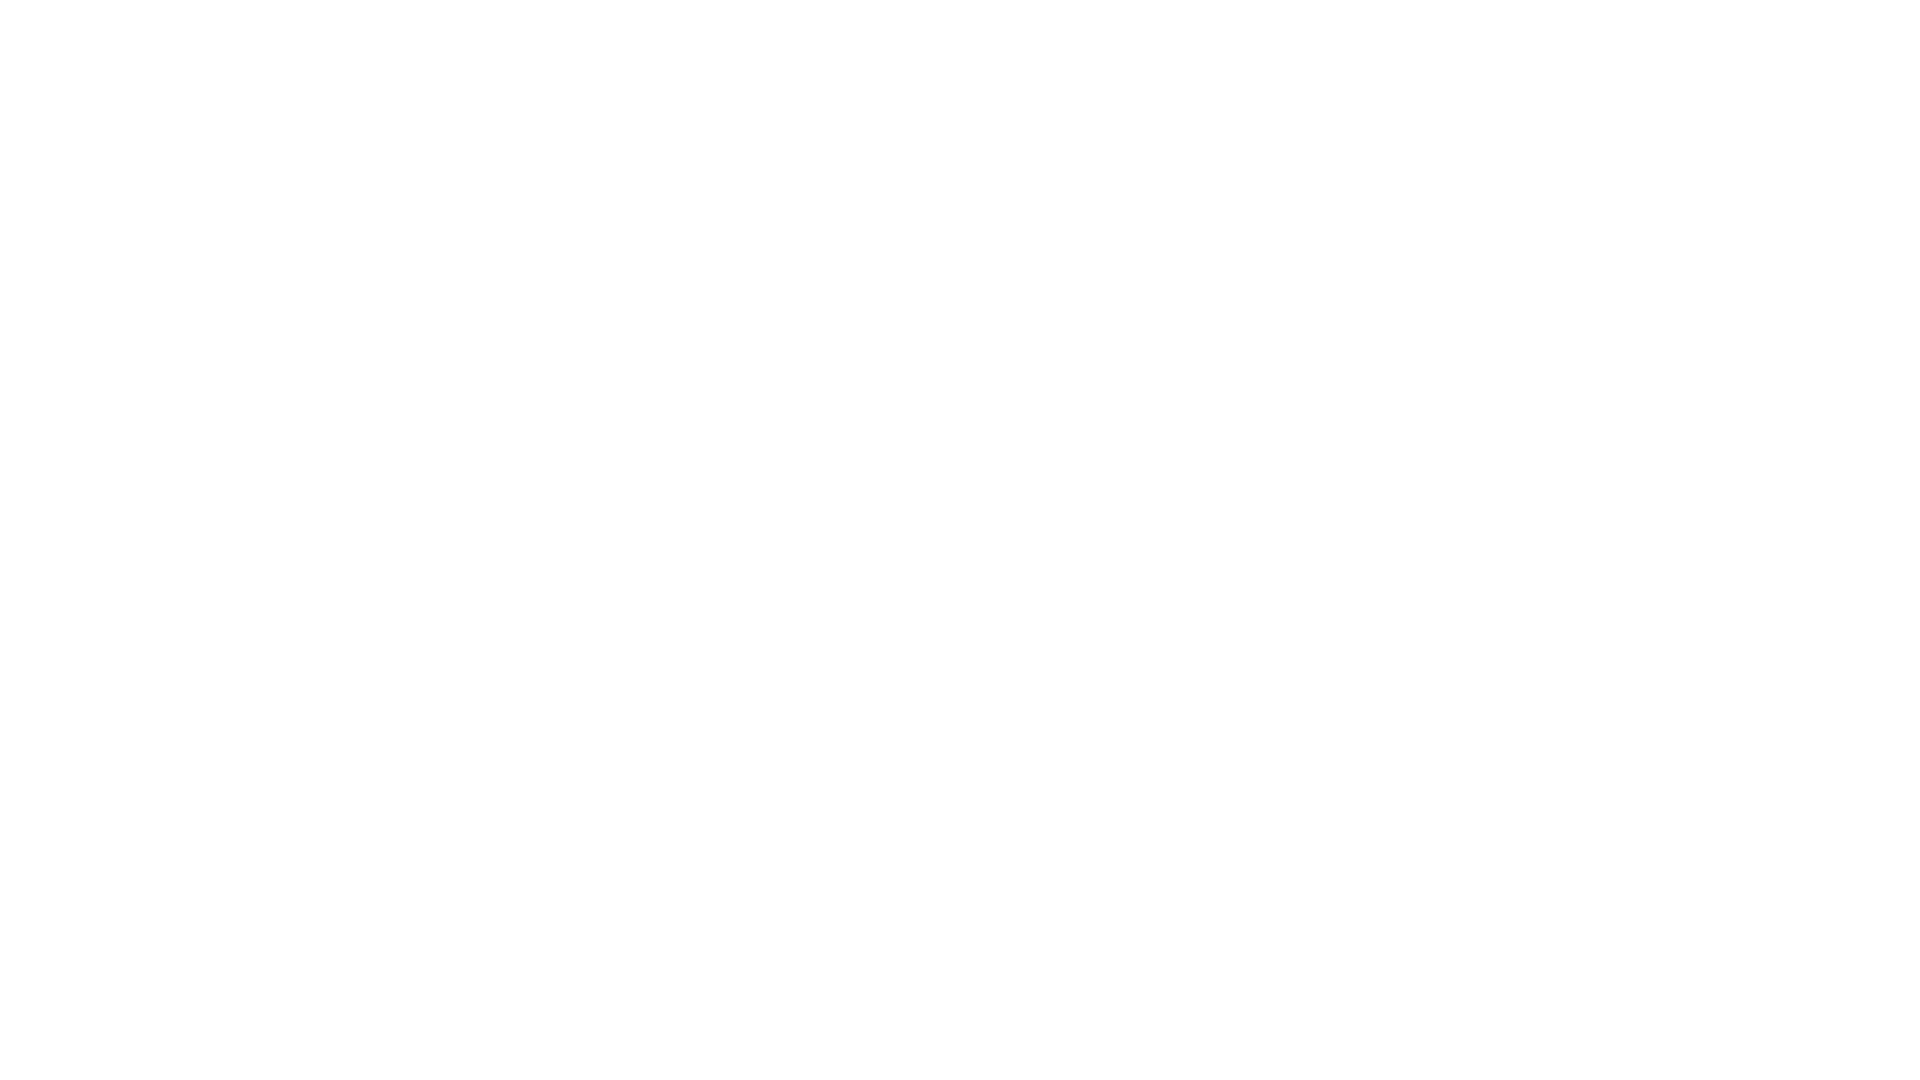 至高下半身盗撮-PREMIUM-【院内病棟編 】 vol.01 洗面所 覗きスケベ動画紹介 59画像 52